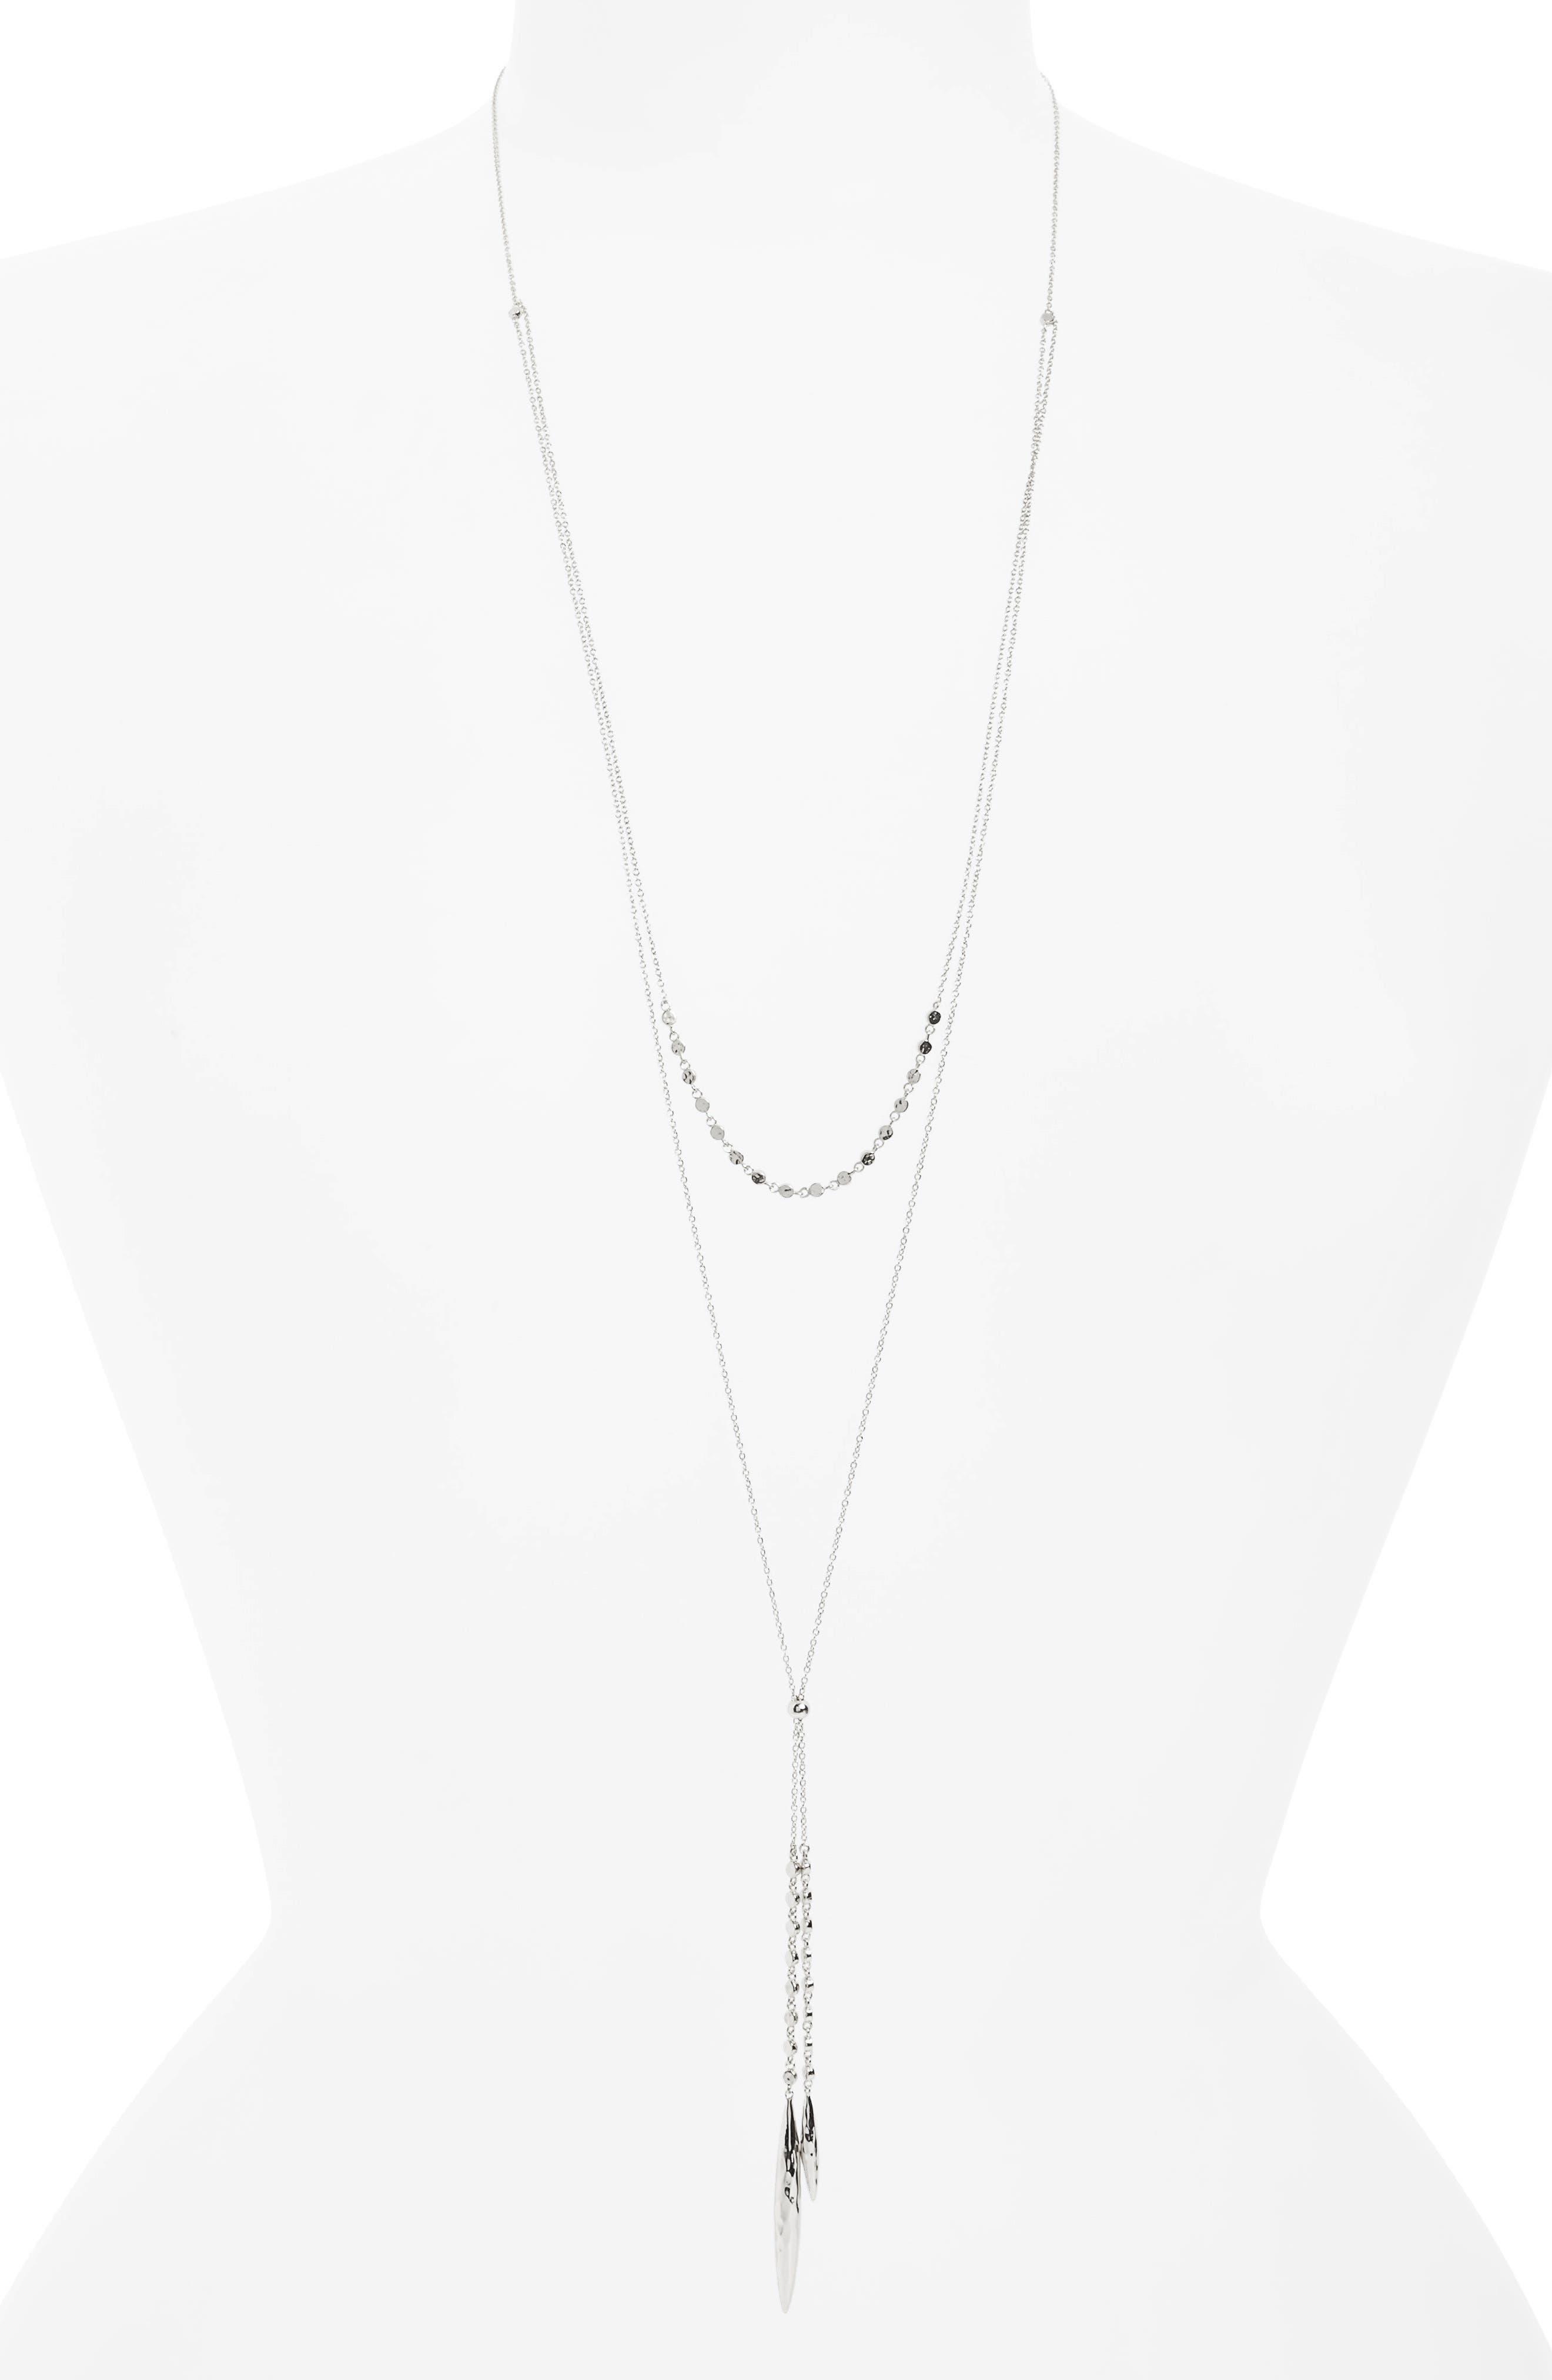 Main Image - gorjana Chloe Multistrand Necklace